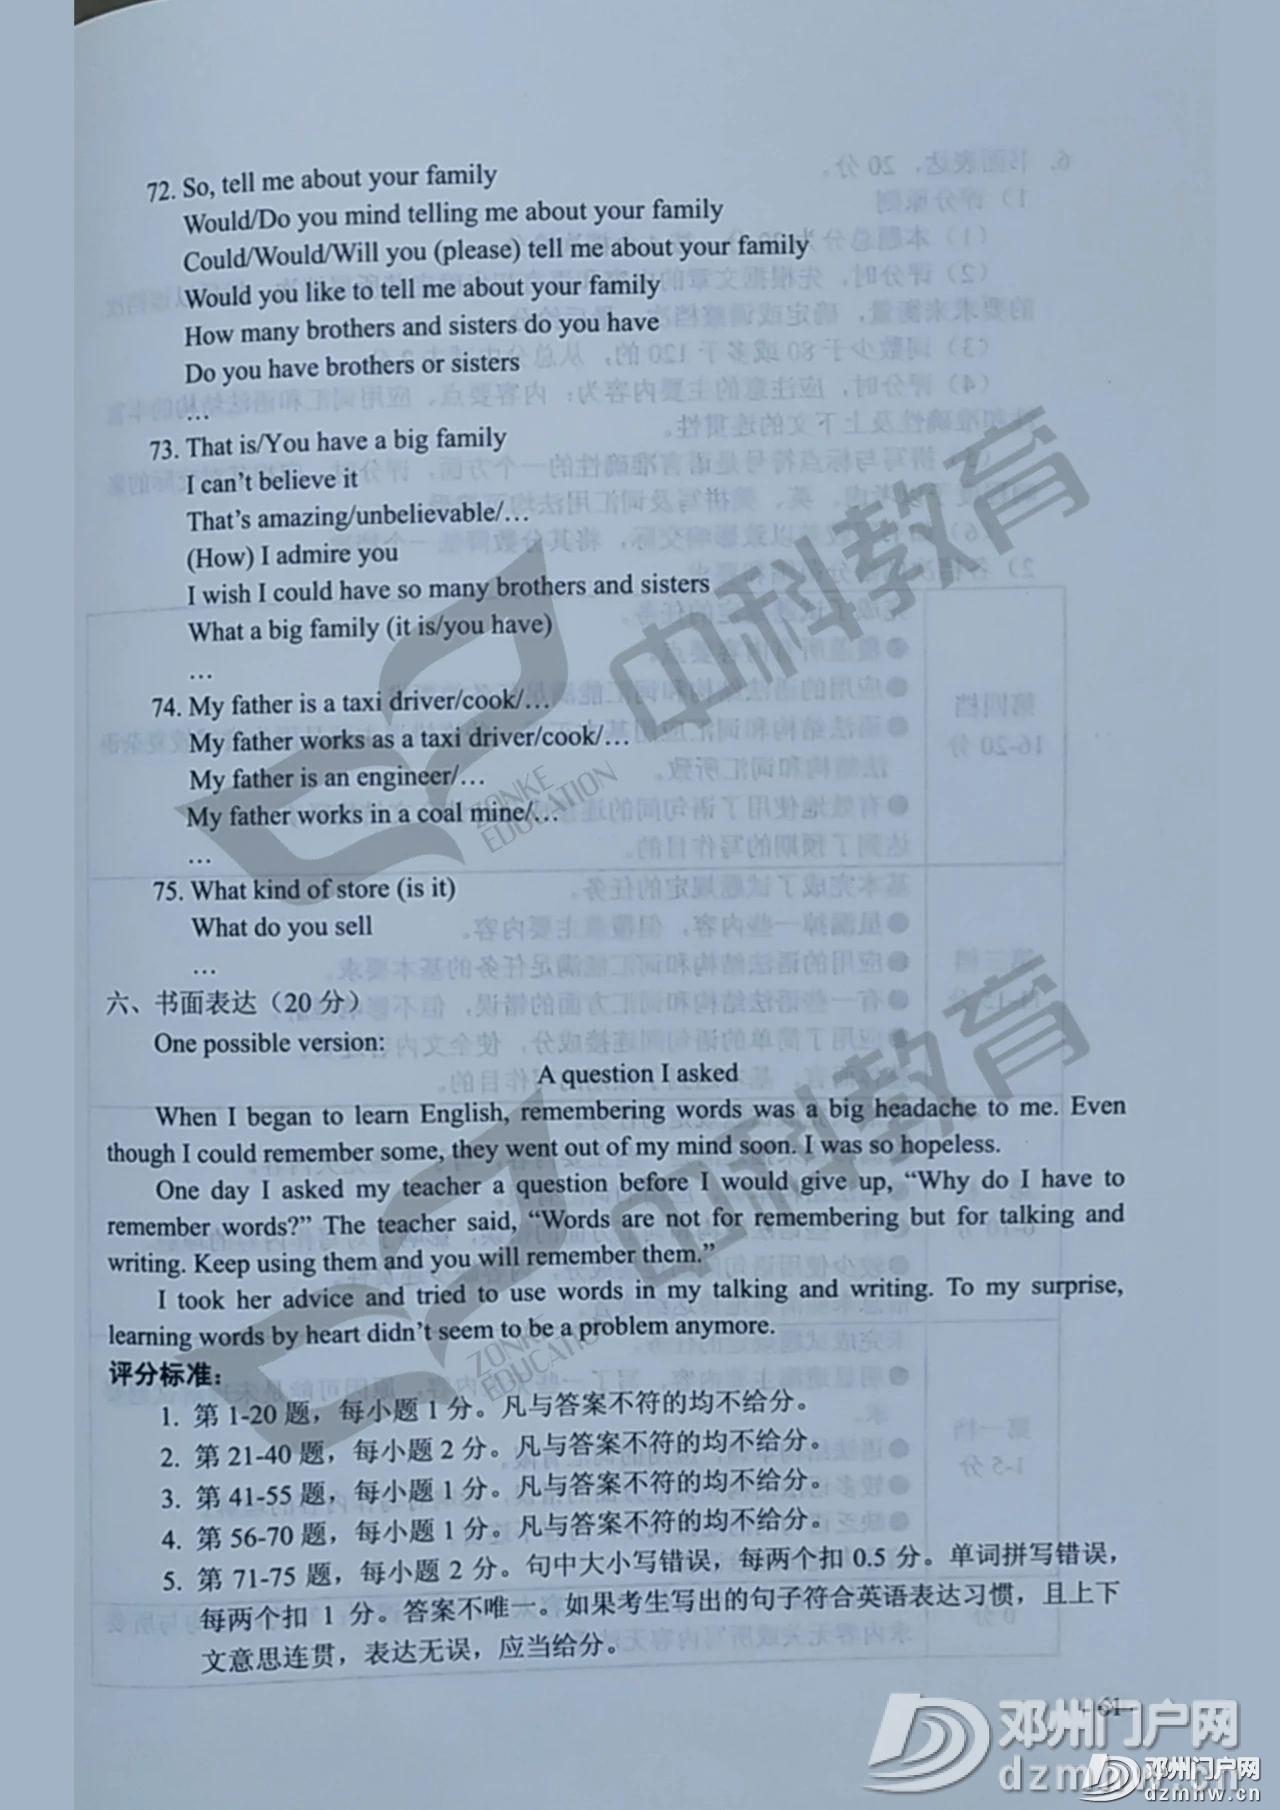 最新!邓州2020年中招各科试题及答案公布,请转发给身边的初三学生家长! - 邓州门户网|邓州网 - bdcf213dc8cf5dbc8098b792adc744e3.jpg